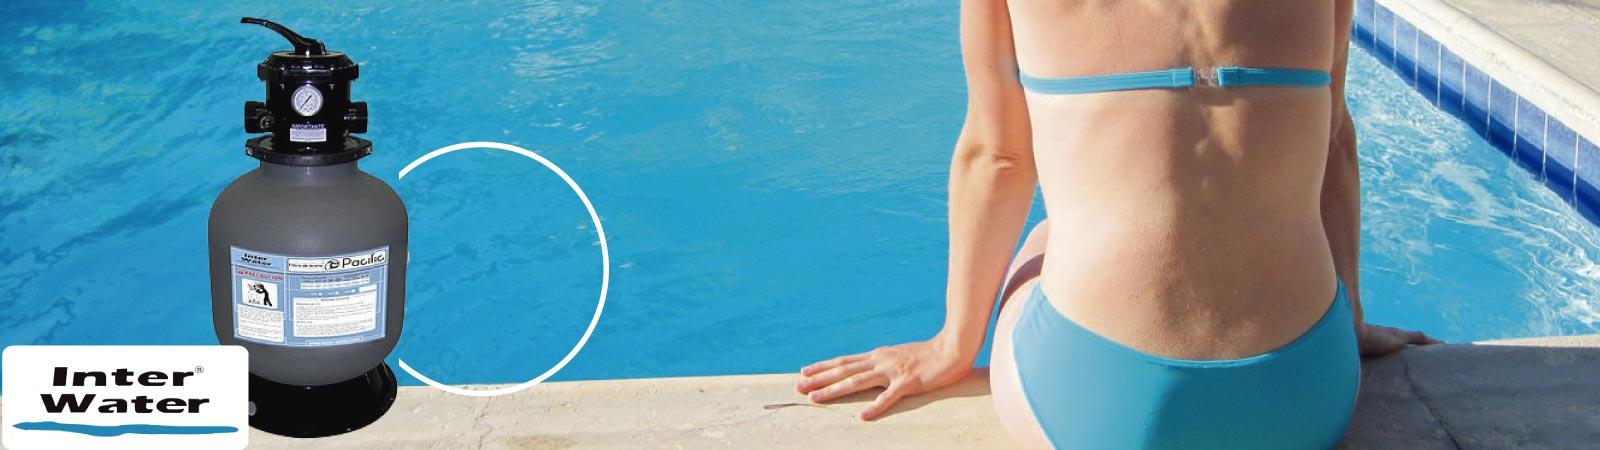 Filtros para Albercas marca Inter Water